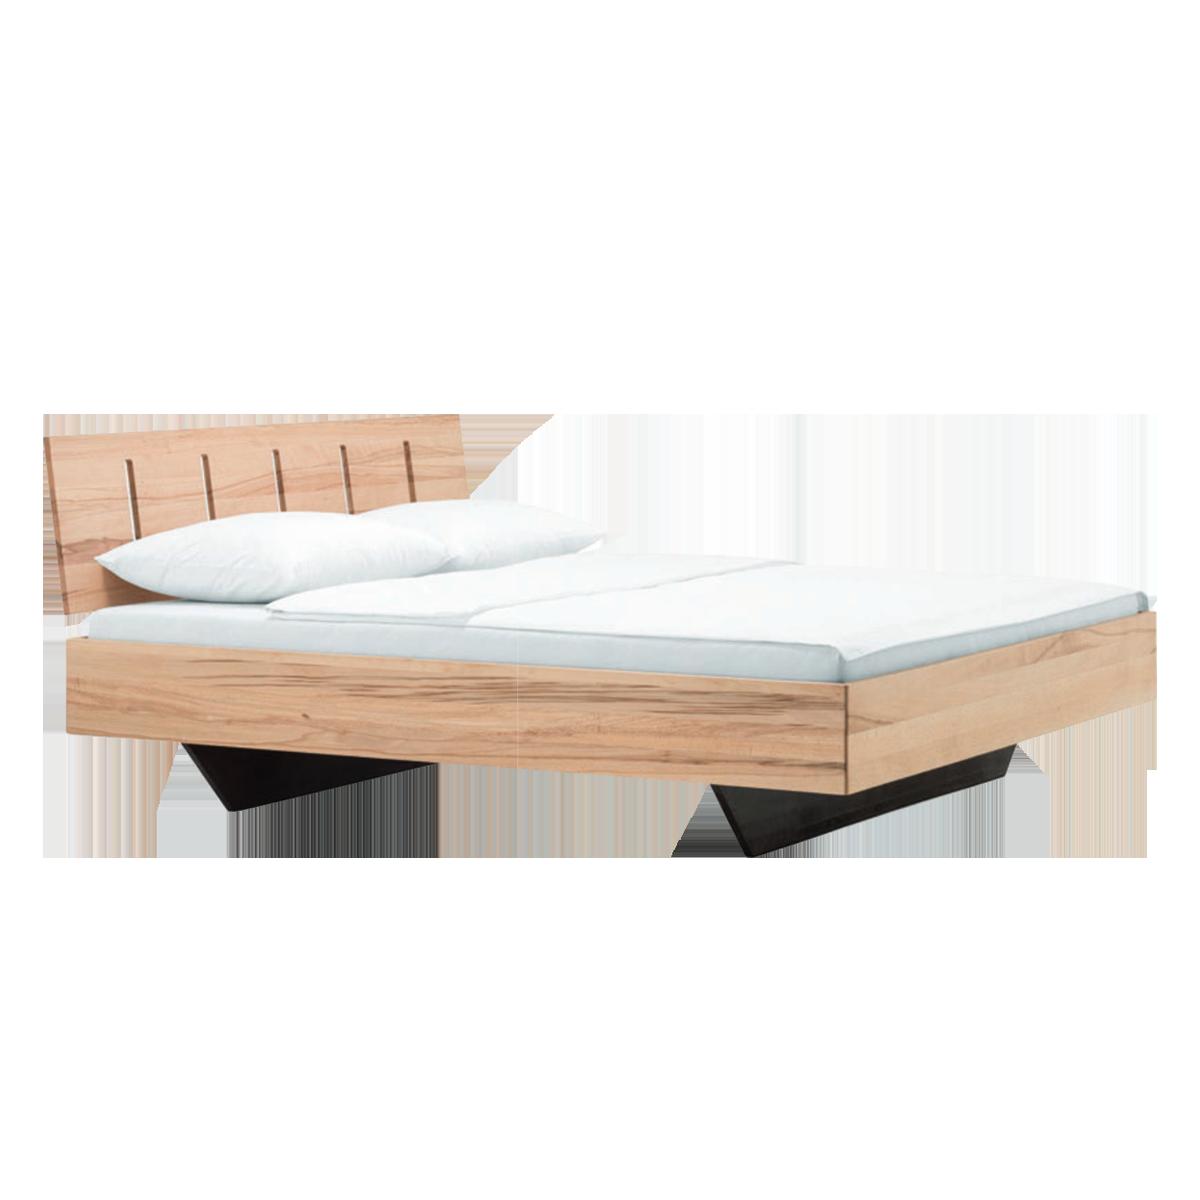 Full Size of Dico Betten Bonprix Holz Ausgefallene Wohnwert Kopfteile Für Mädchen Designer Französische Massivholz Weiß Bett Dico Betten